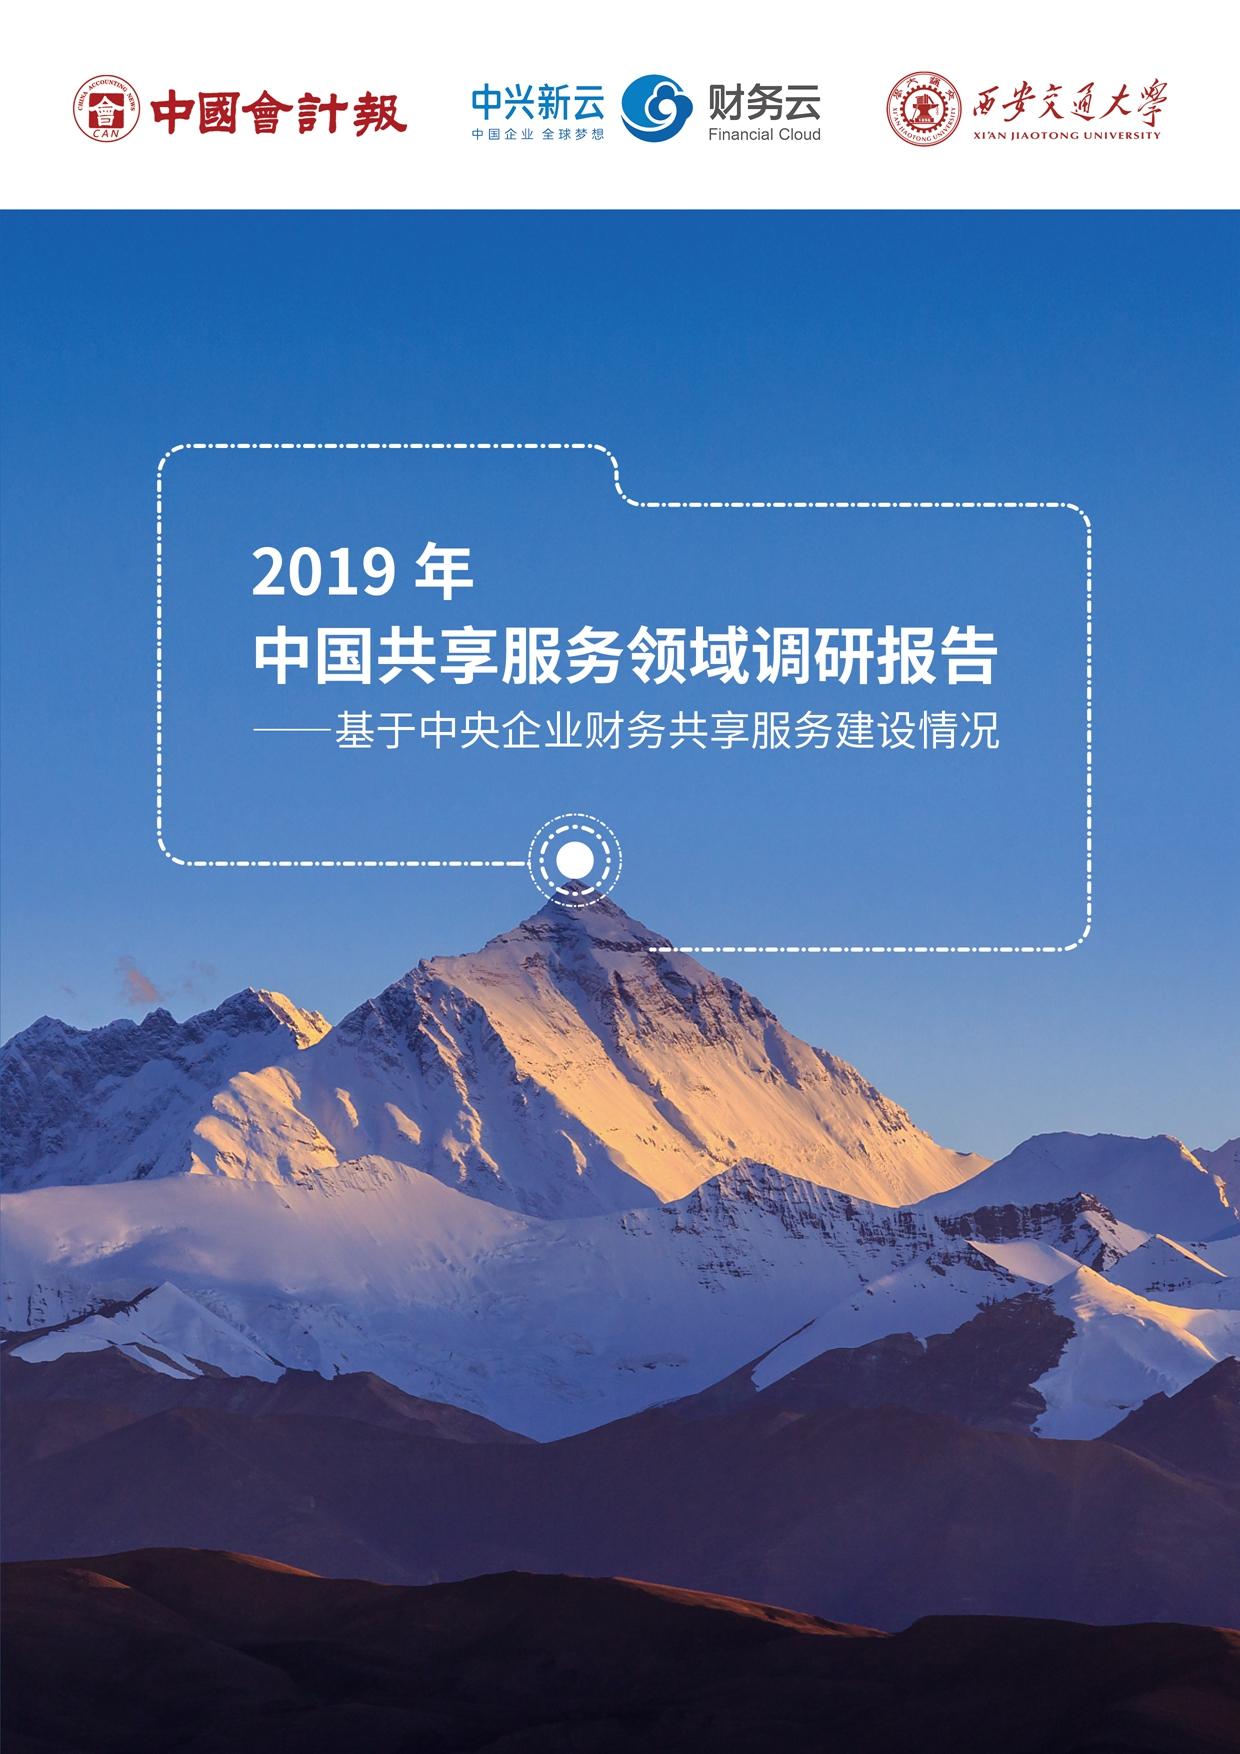 2019年中国共享服务领域调研报告-封面 - 副本.jpg